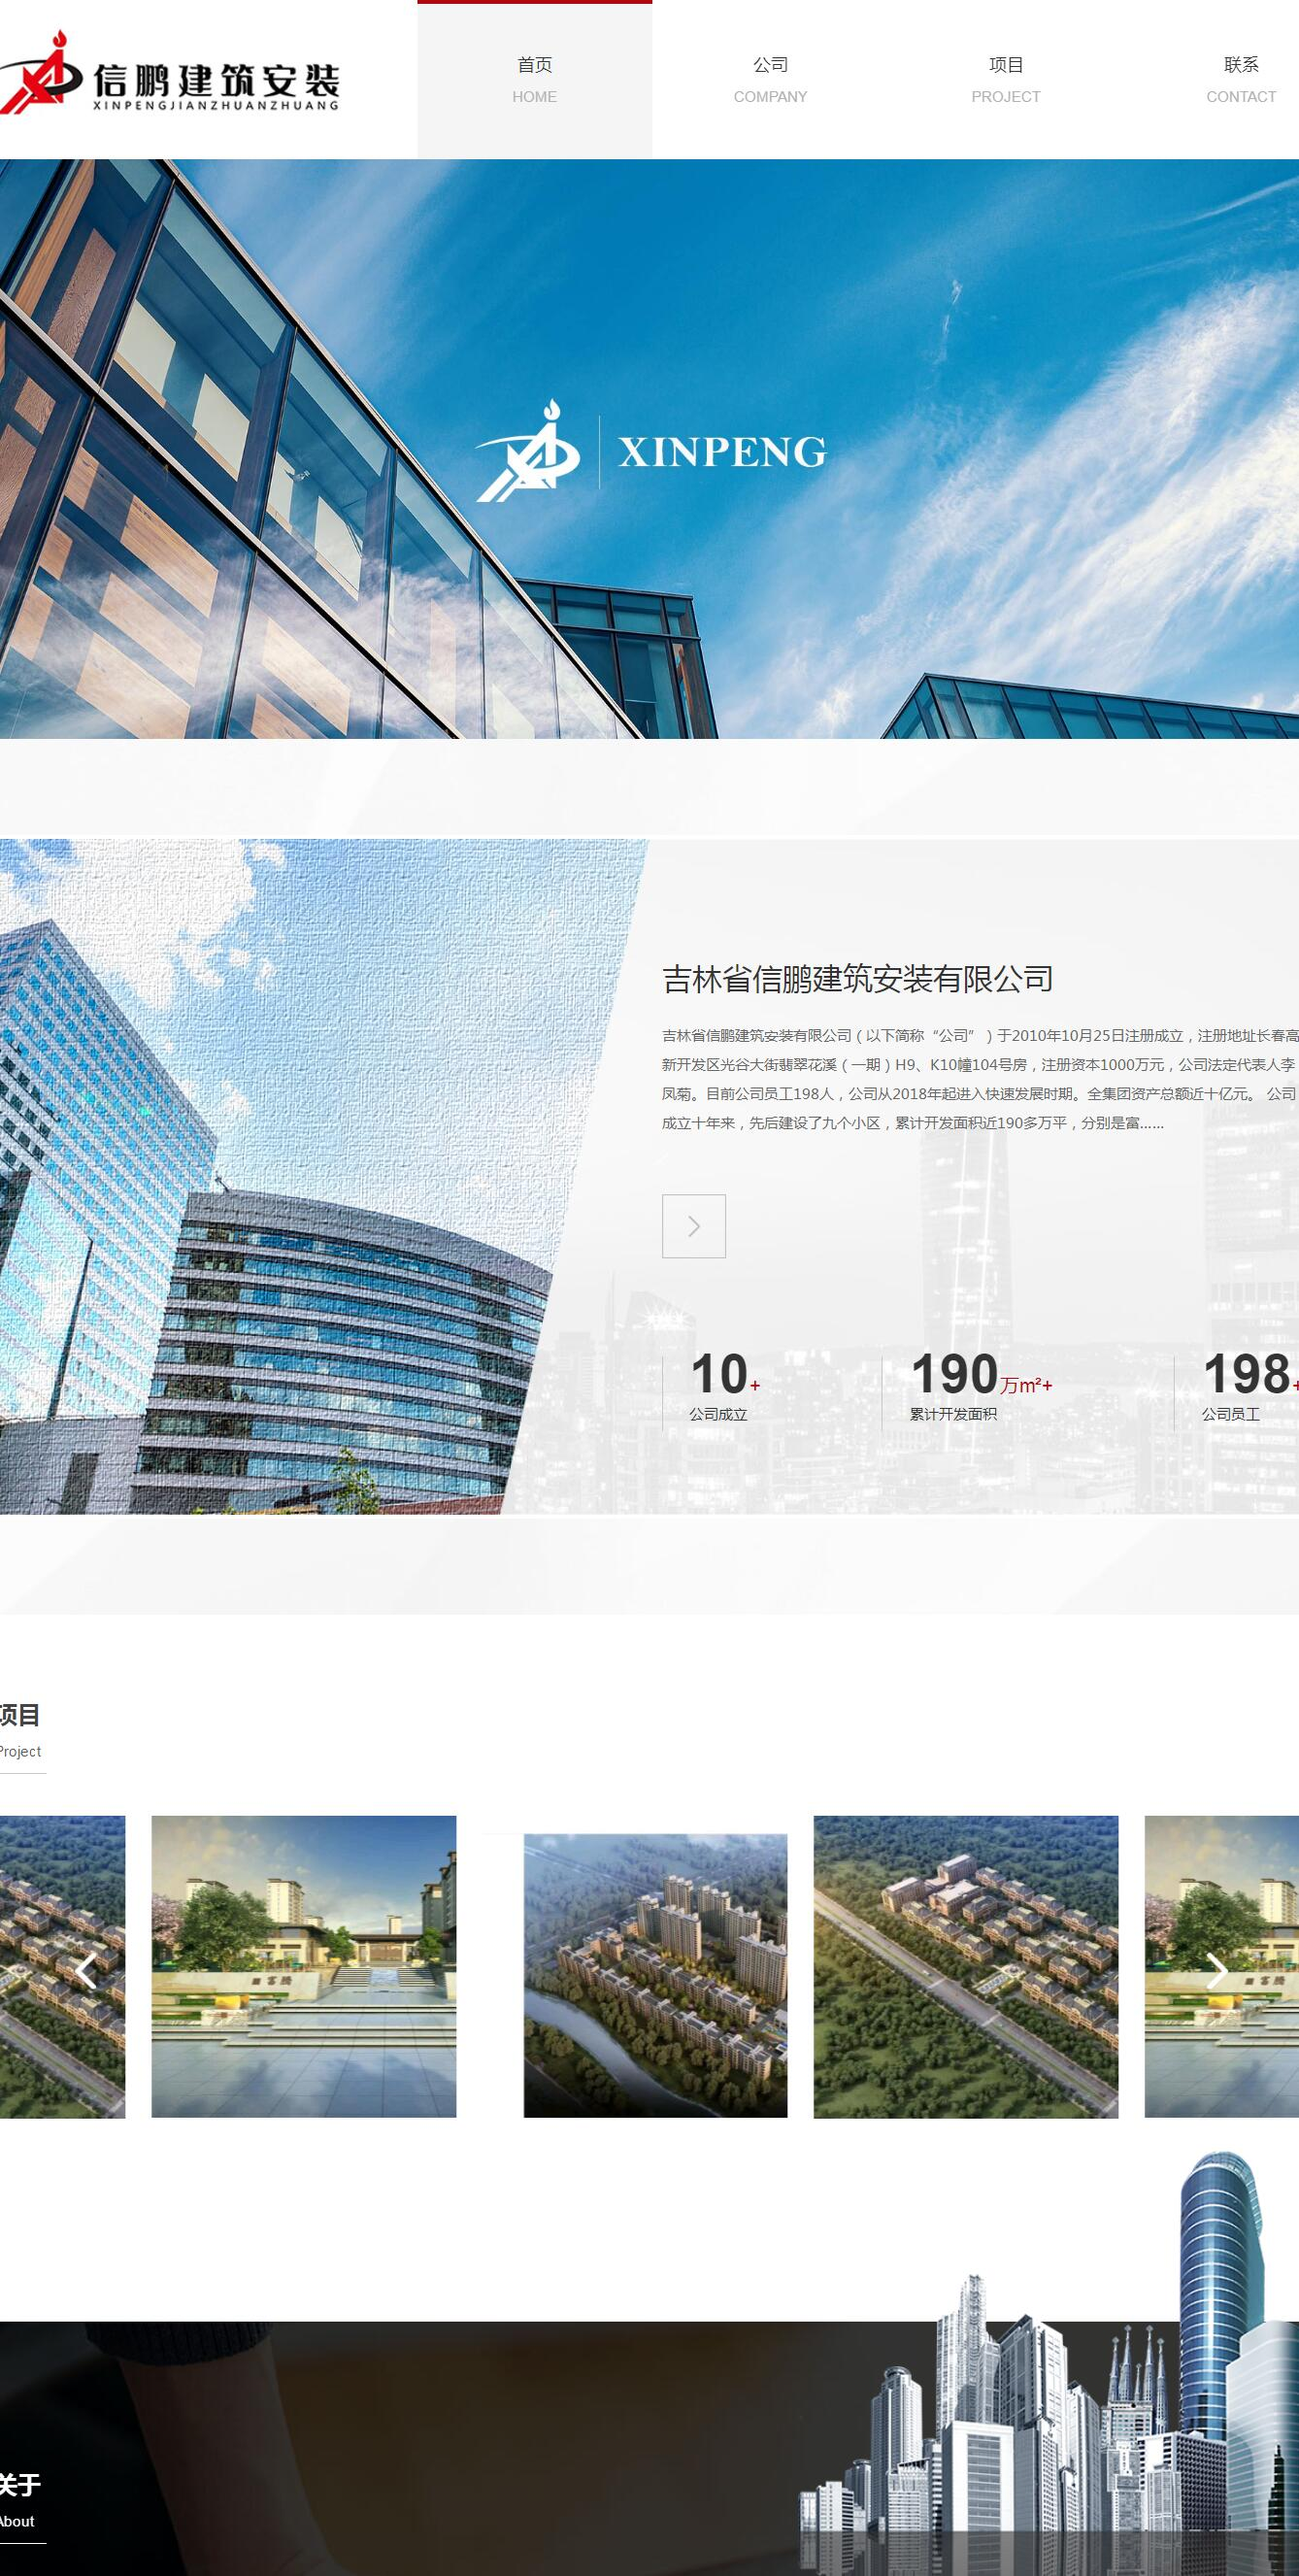 吉林省信鹏建筑安装有限公司